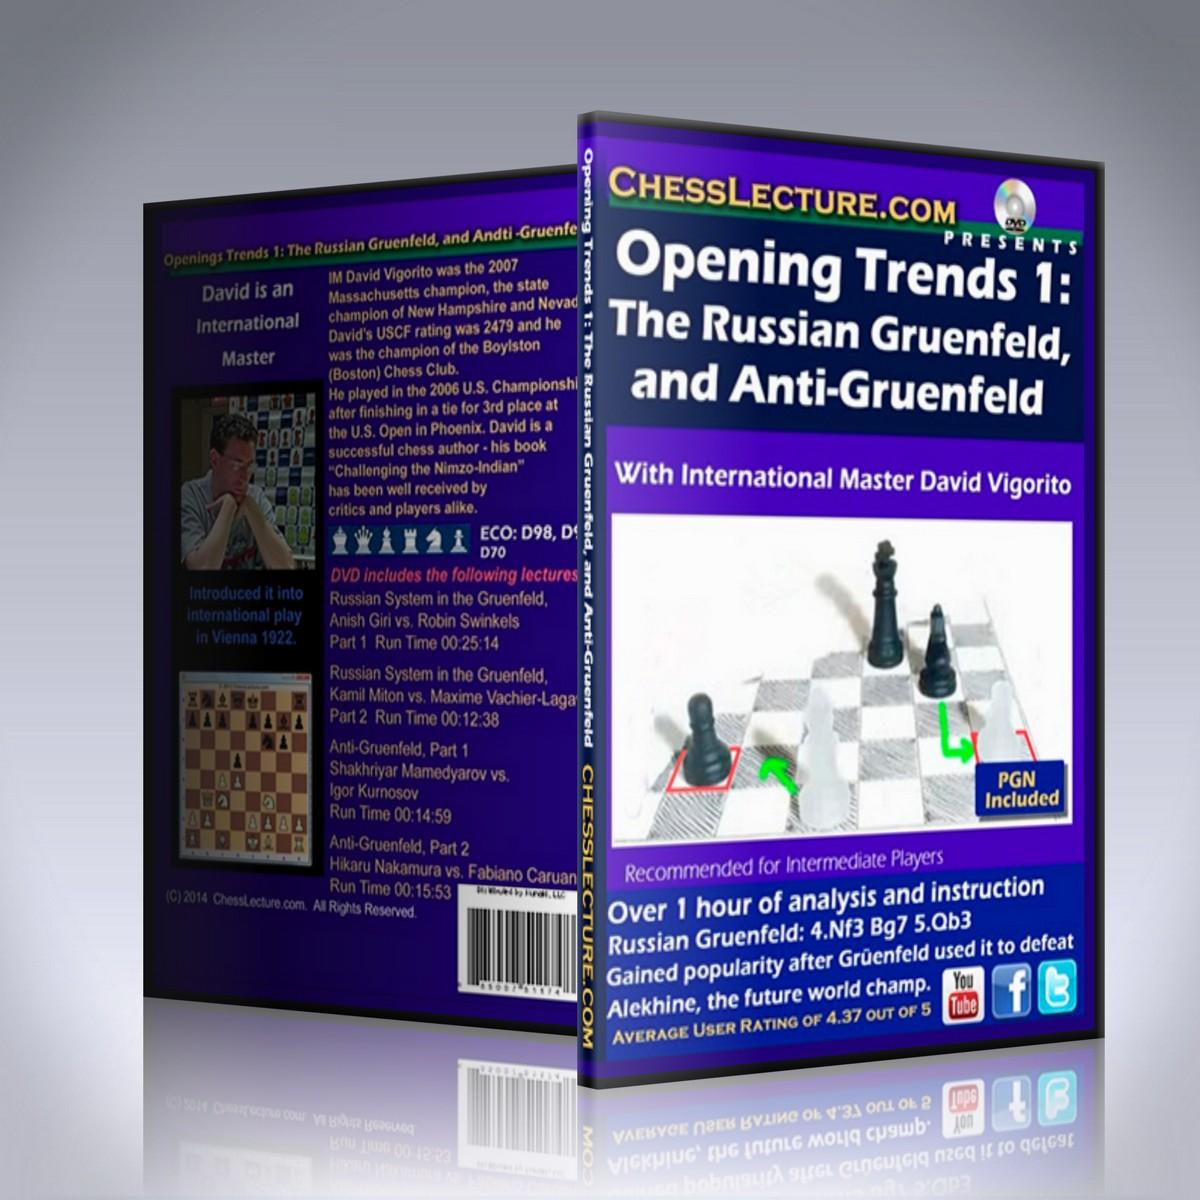 Opening Trends: The Russian Gruenfeld and Anti-Gruenfeld – IM David Vigorito